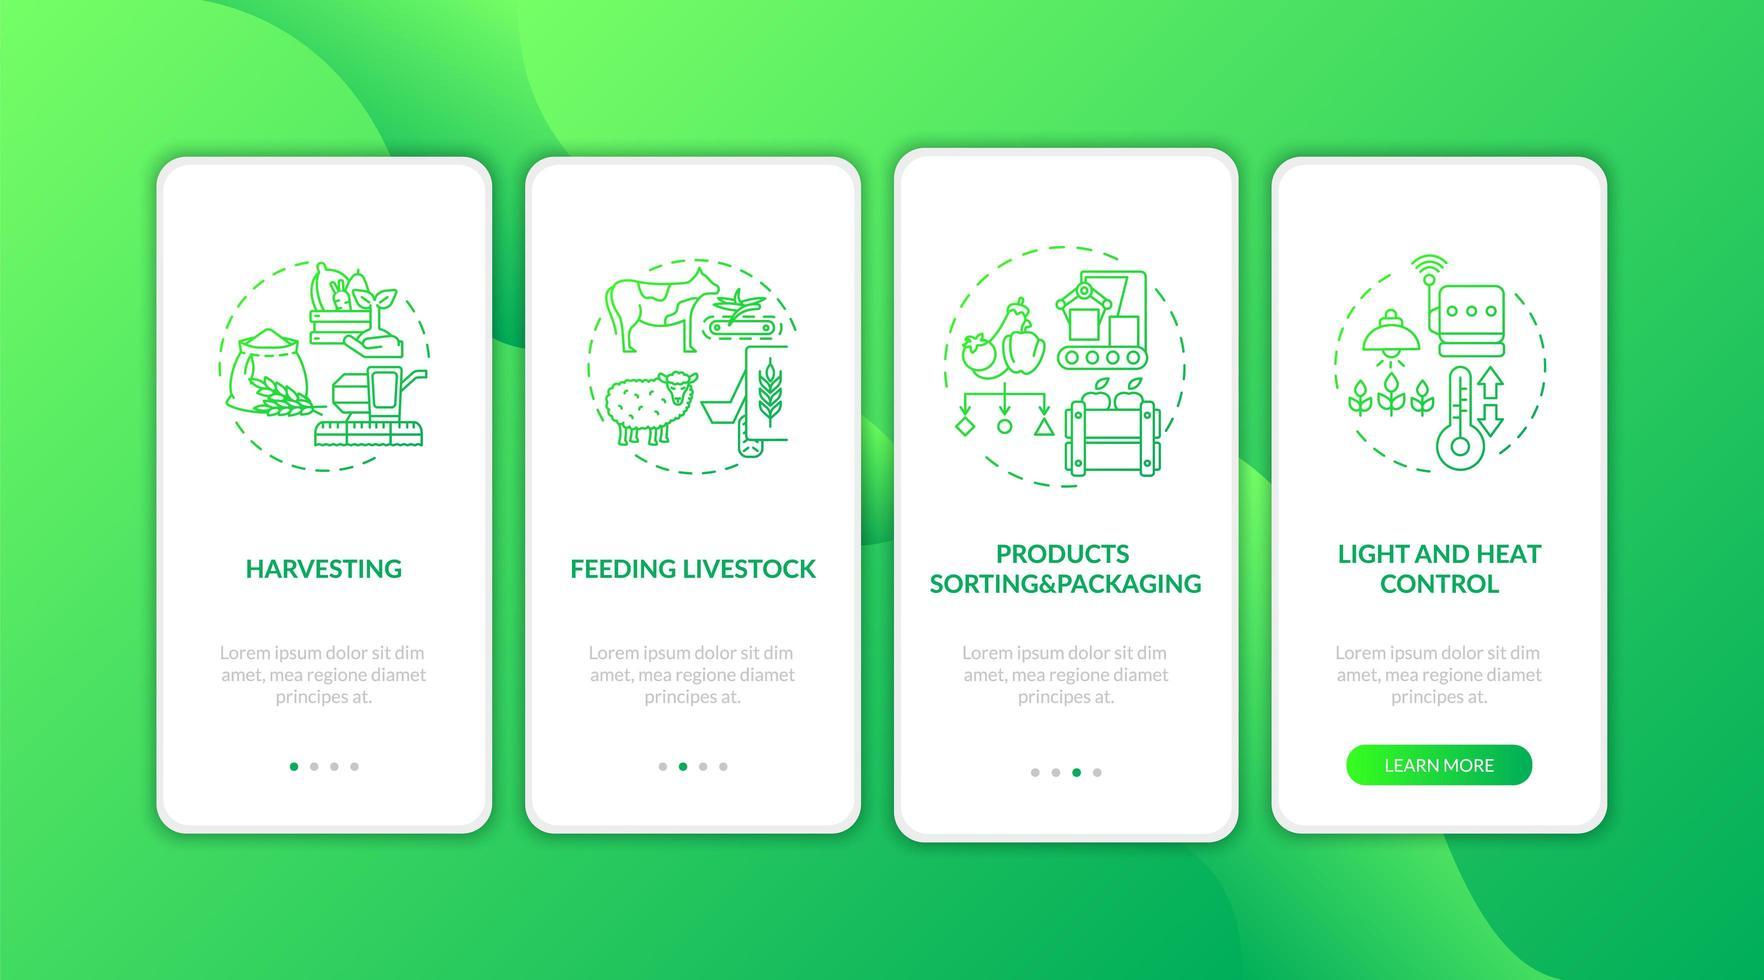 Landwirtschaftsmaschinen Typen Onboarding Mobile App Seite Bildschirm mit Konzepten vektor